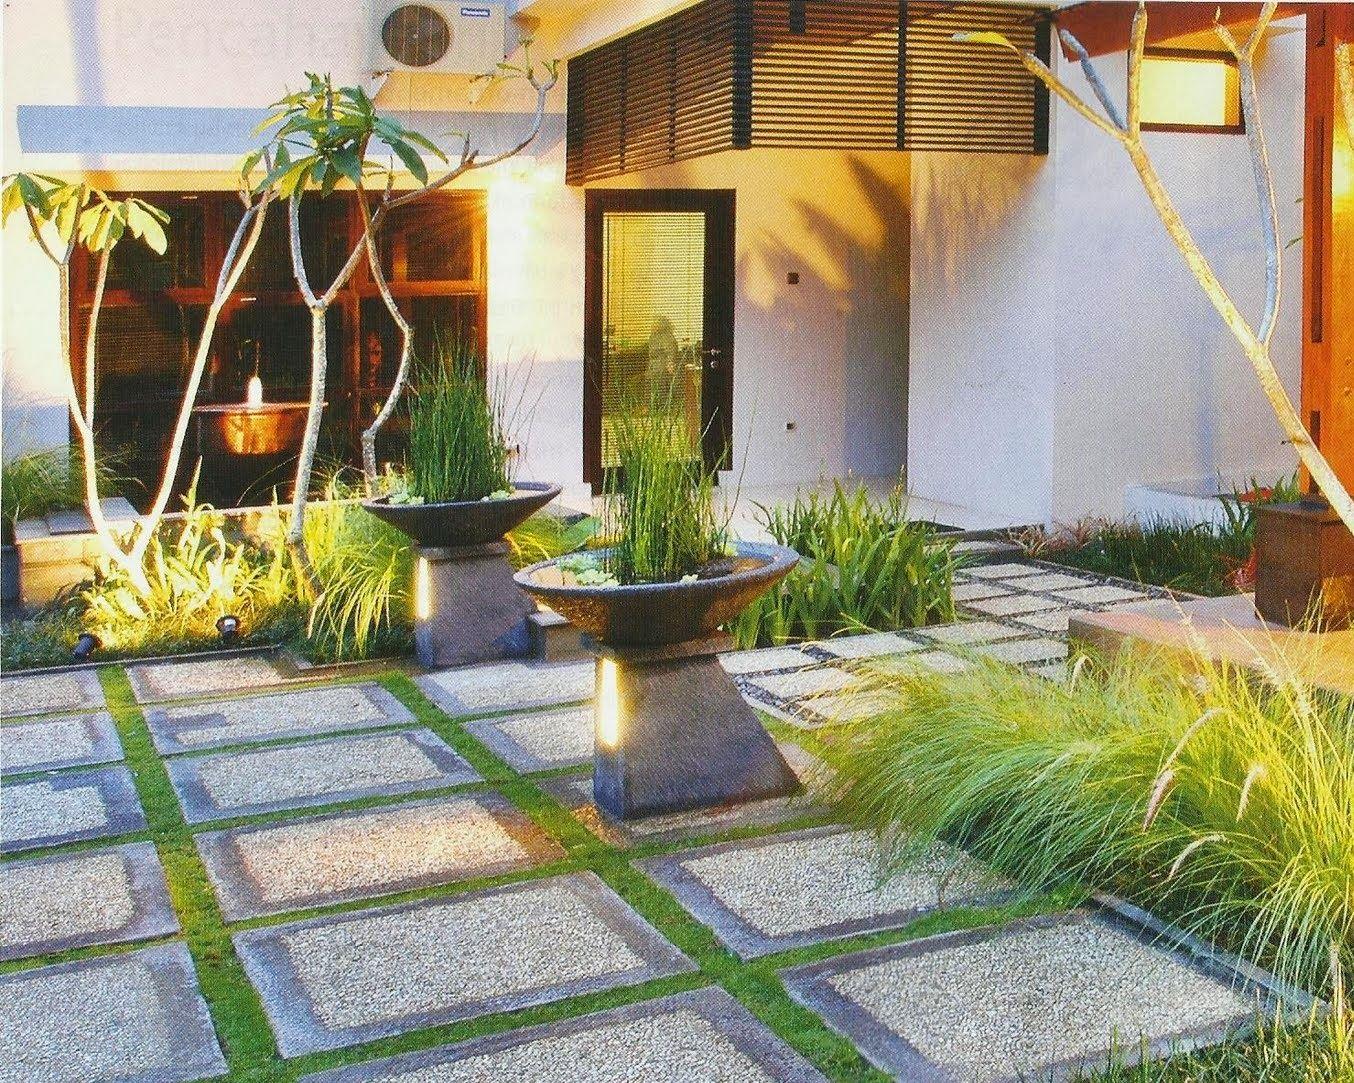 Minimalist Home Garden Design